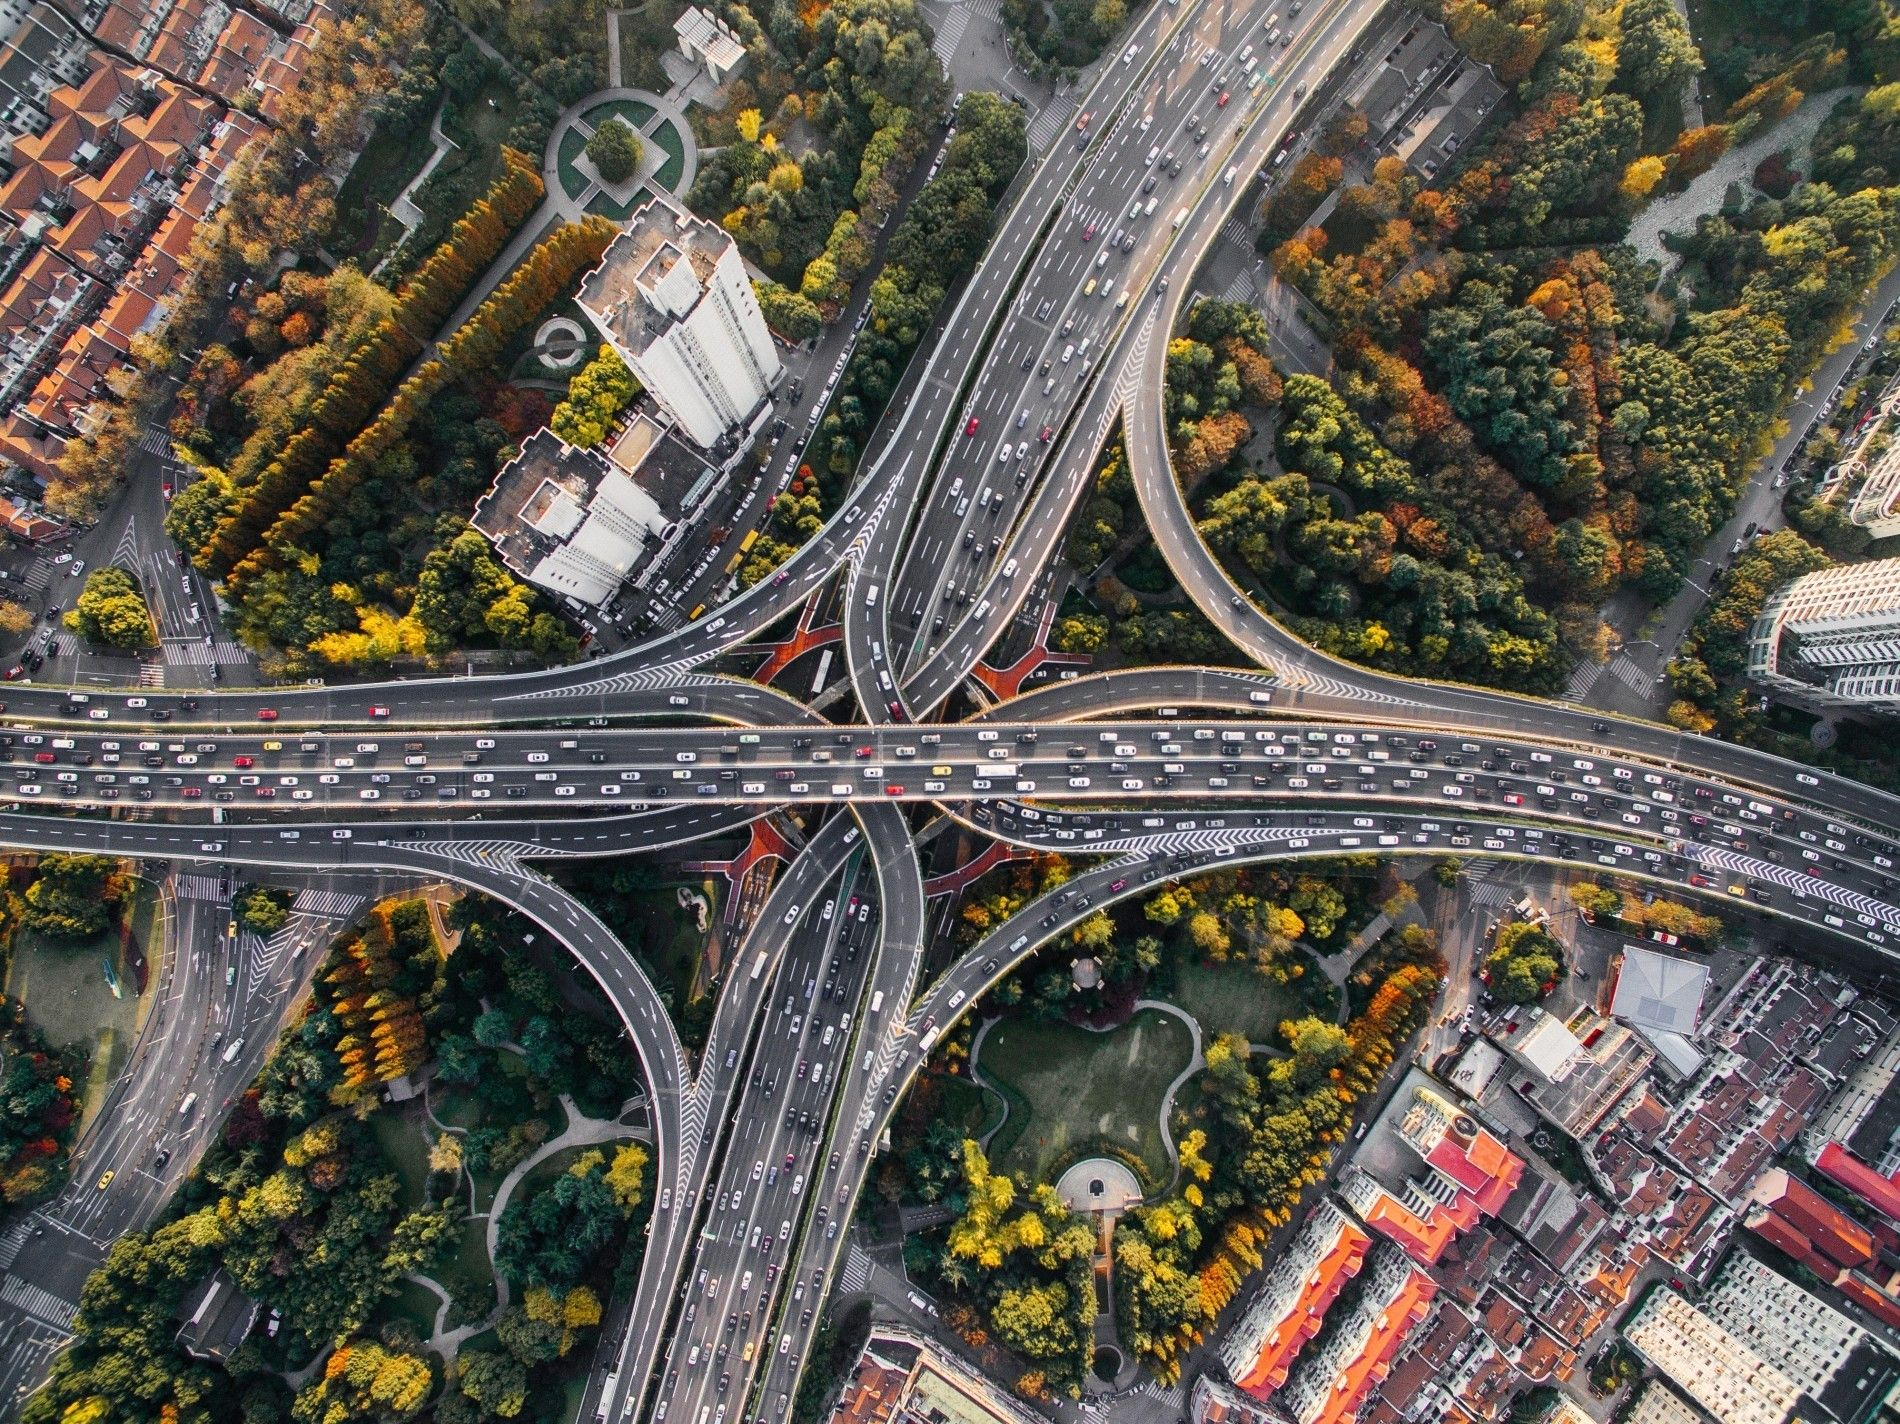 Luftaufnahmen von urbanen Gebieten werden immer beliebter, sorgen aber auch vermehrt für Bedenken im Bereich Sicherheit und Privatsphäre. In vielen Ländern bewegen sich solche Drohnen noch in einer rechtlichen Grauzone.